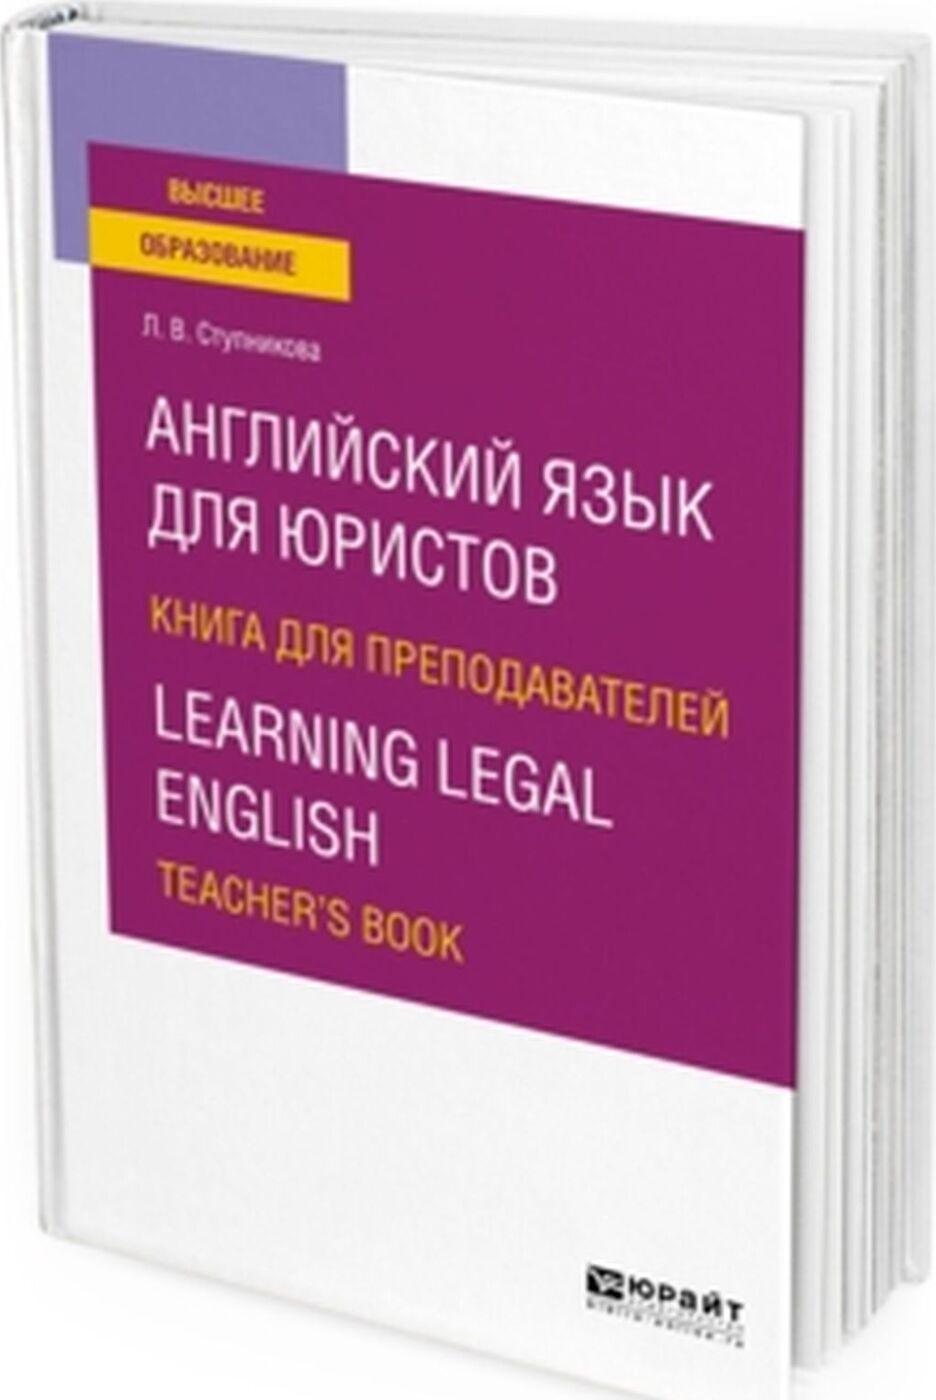 Английский язык для юристов. Книга для преподавателей. Learning legal english. Teachers book. Учебное пособие для вузов